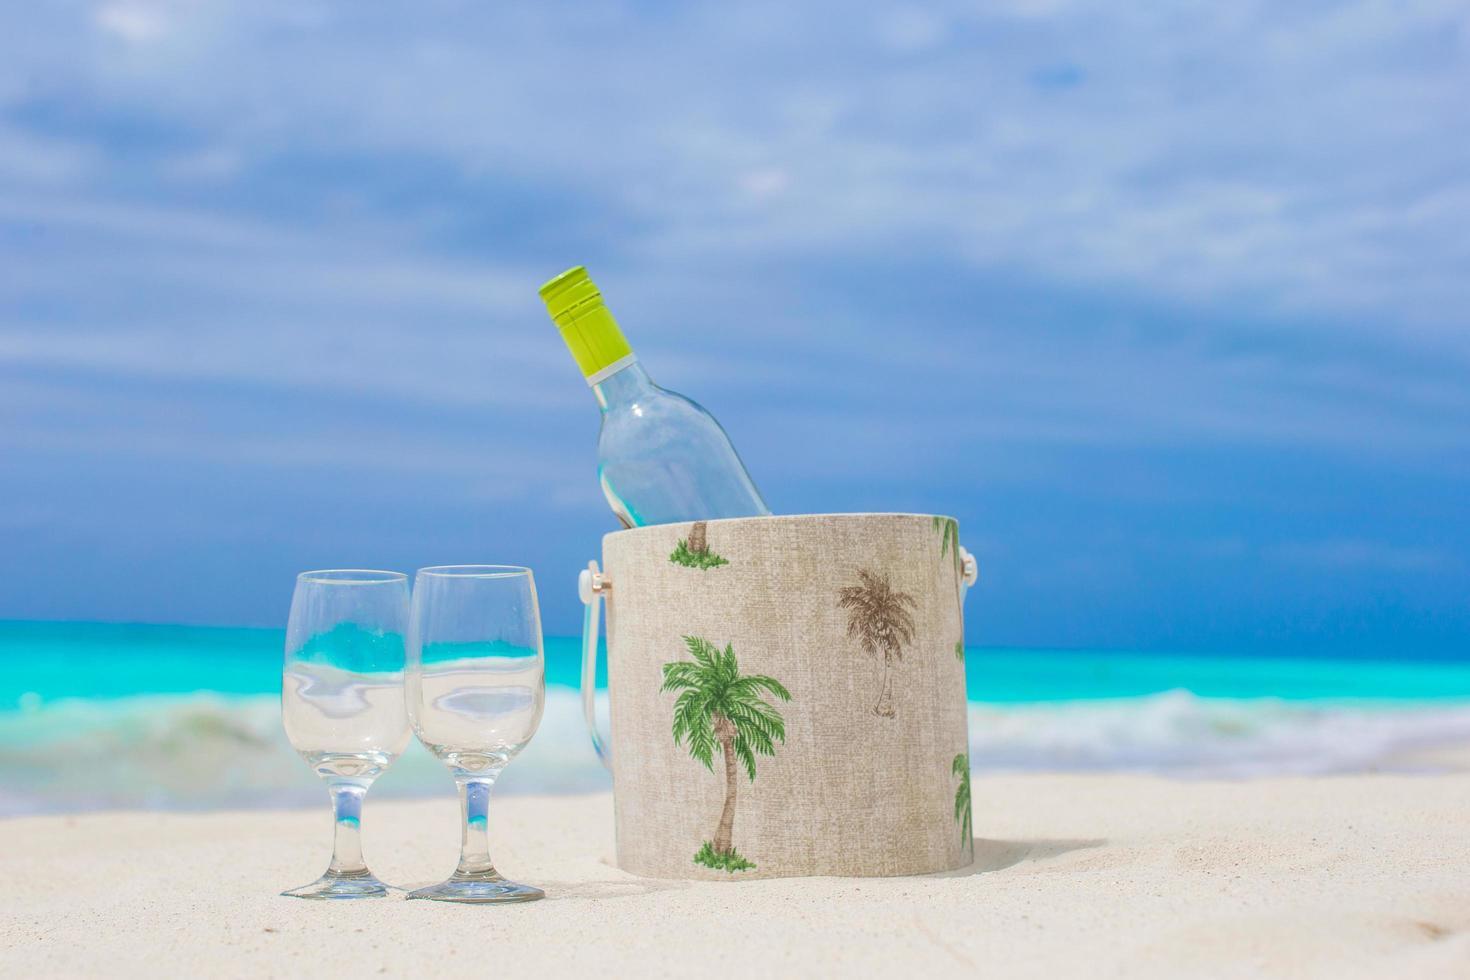 bouteille de vin blanc et deux verres sur la plage photo